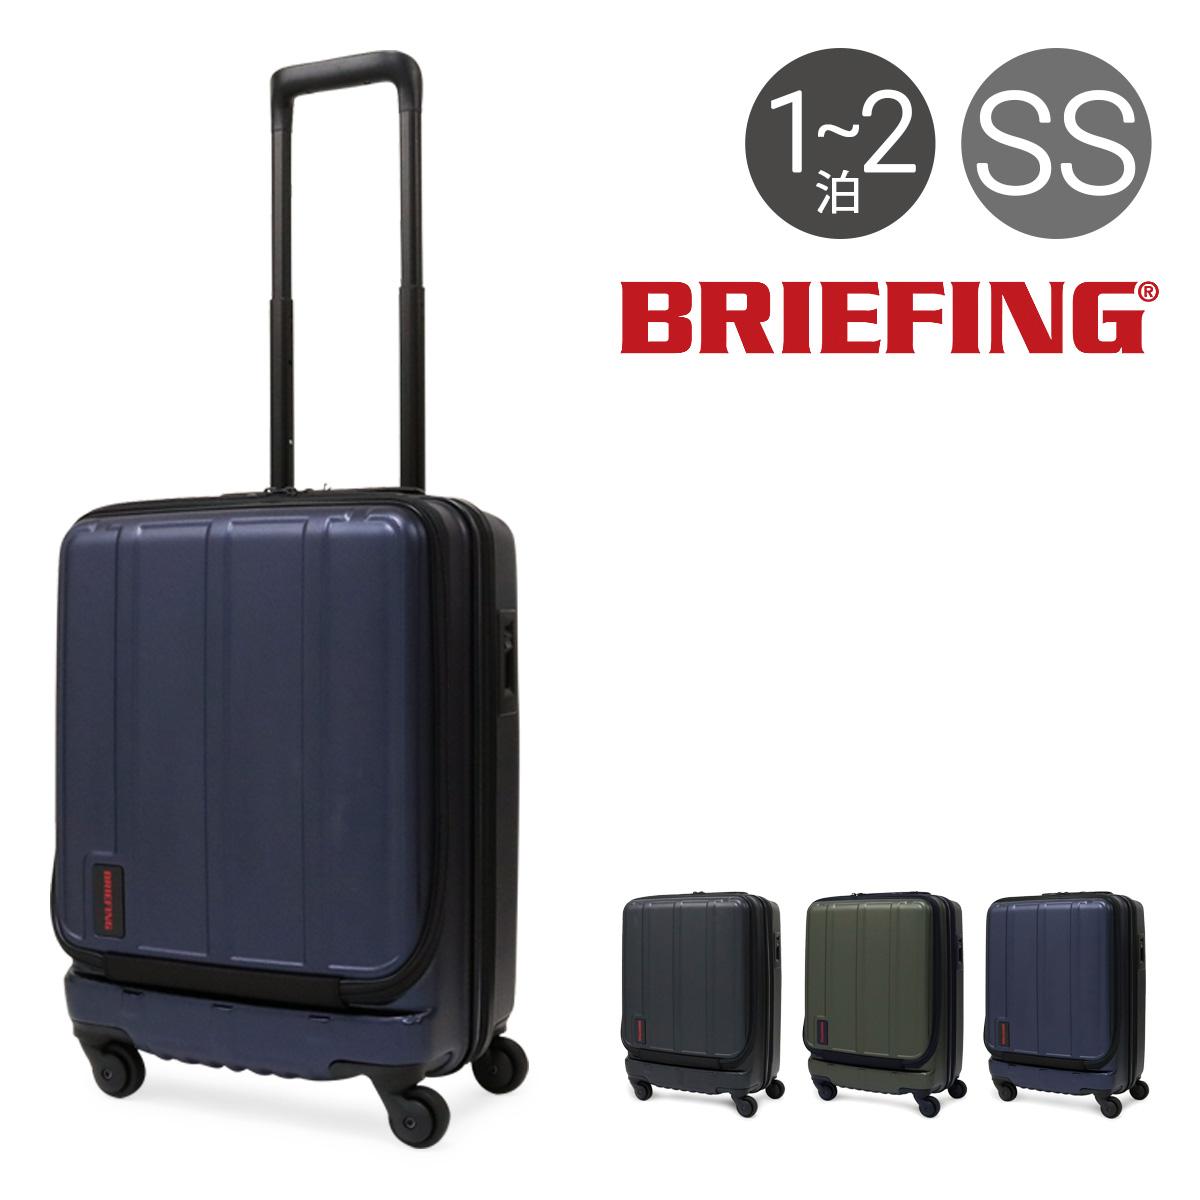 ブリーフィング スーツケース HARD CASE BRF524219 BRIEFING H-34 F ハードケース ジッパー キャリーケース 旅行 トラベル ビジネス ポリカーボネート メンズ[PO10][bef][即日発送]